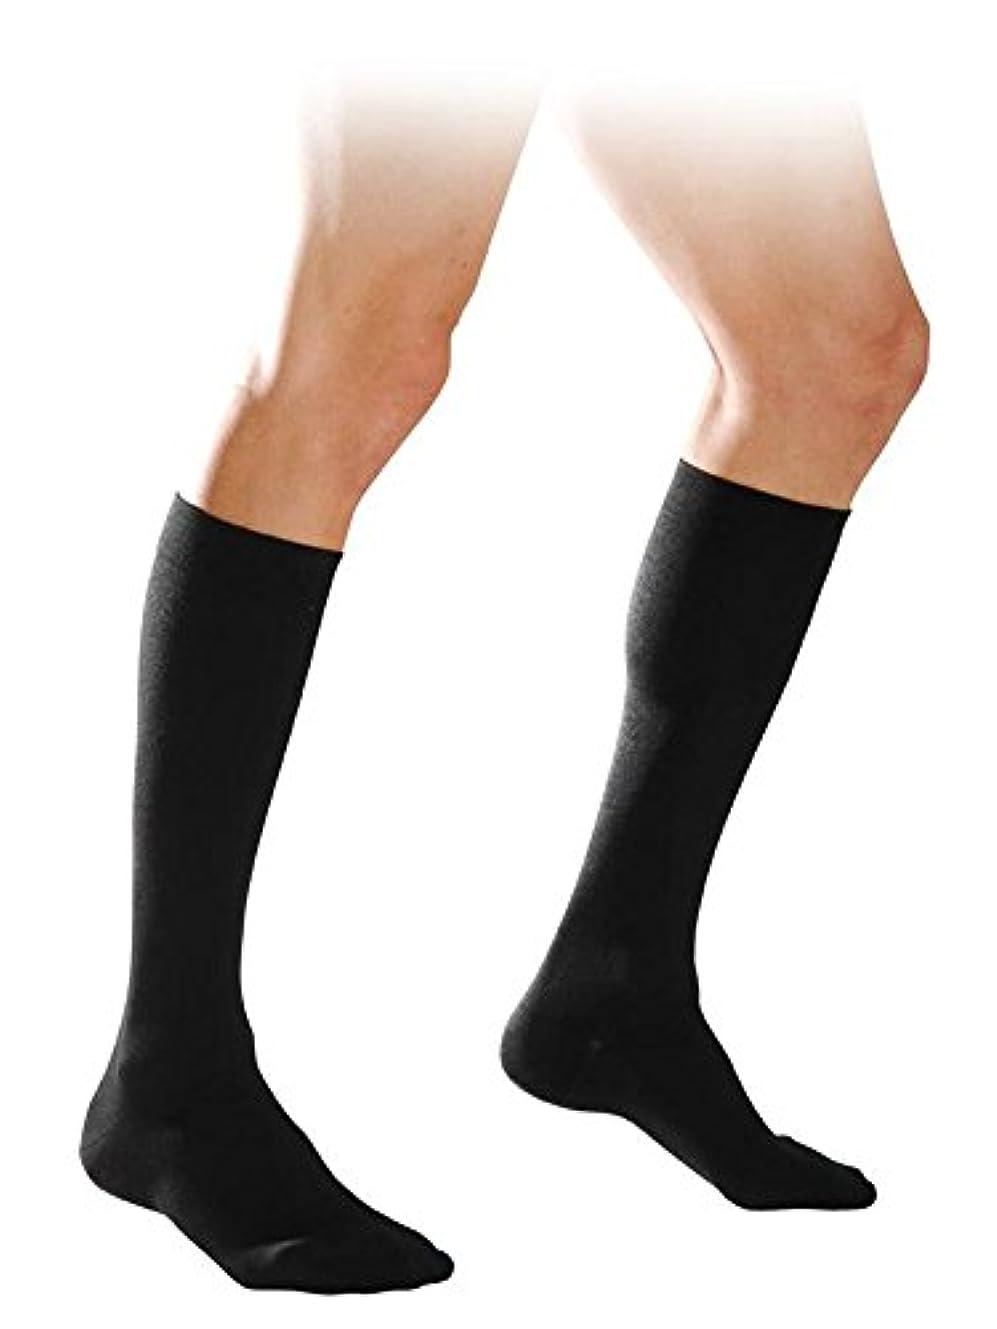 迫害する誰かリマーク【エコノミー症候群予防】男性用 着圧ソックス (L, ブラック)